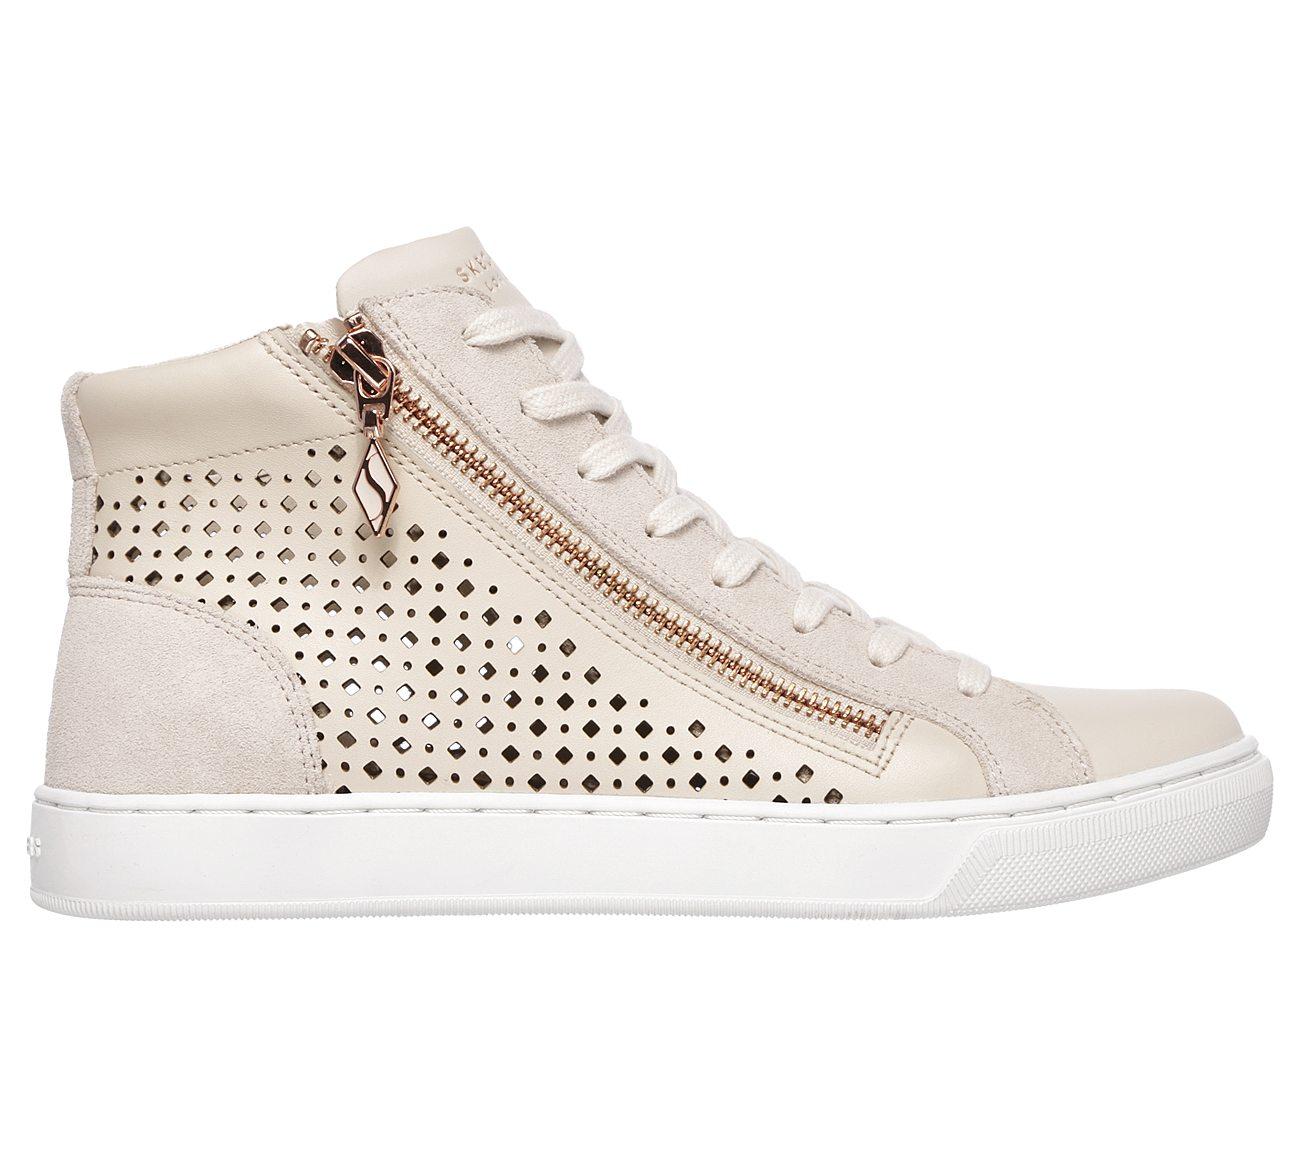 001e158d Buy SKECHERS Prima - Diamond Dot SKECHER Street Shoes only $41.00